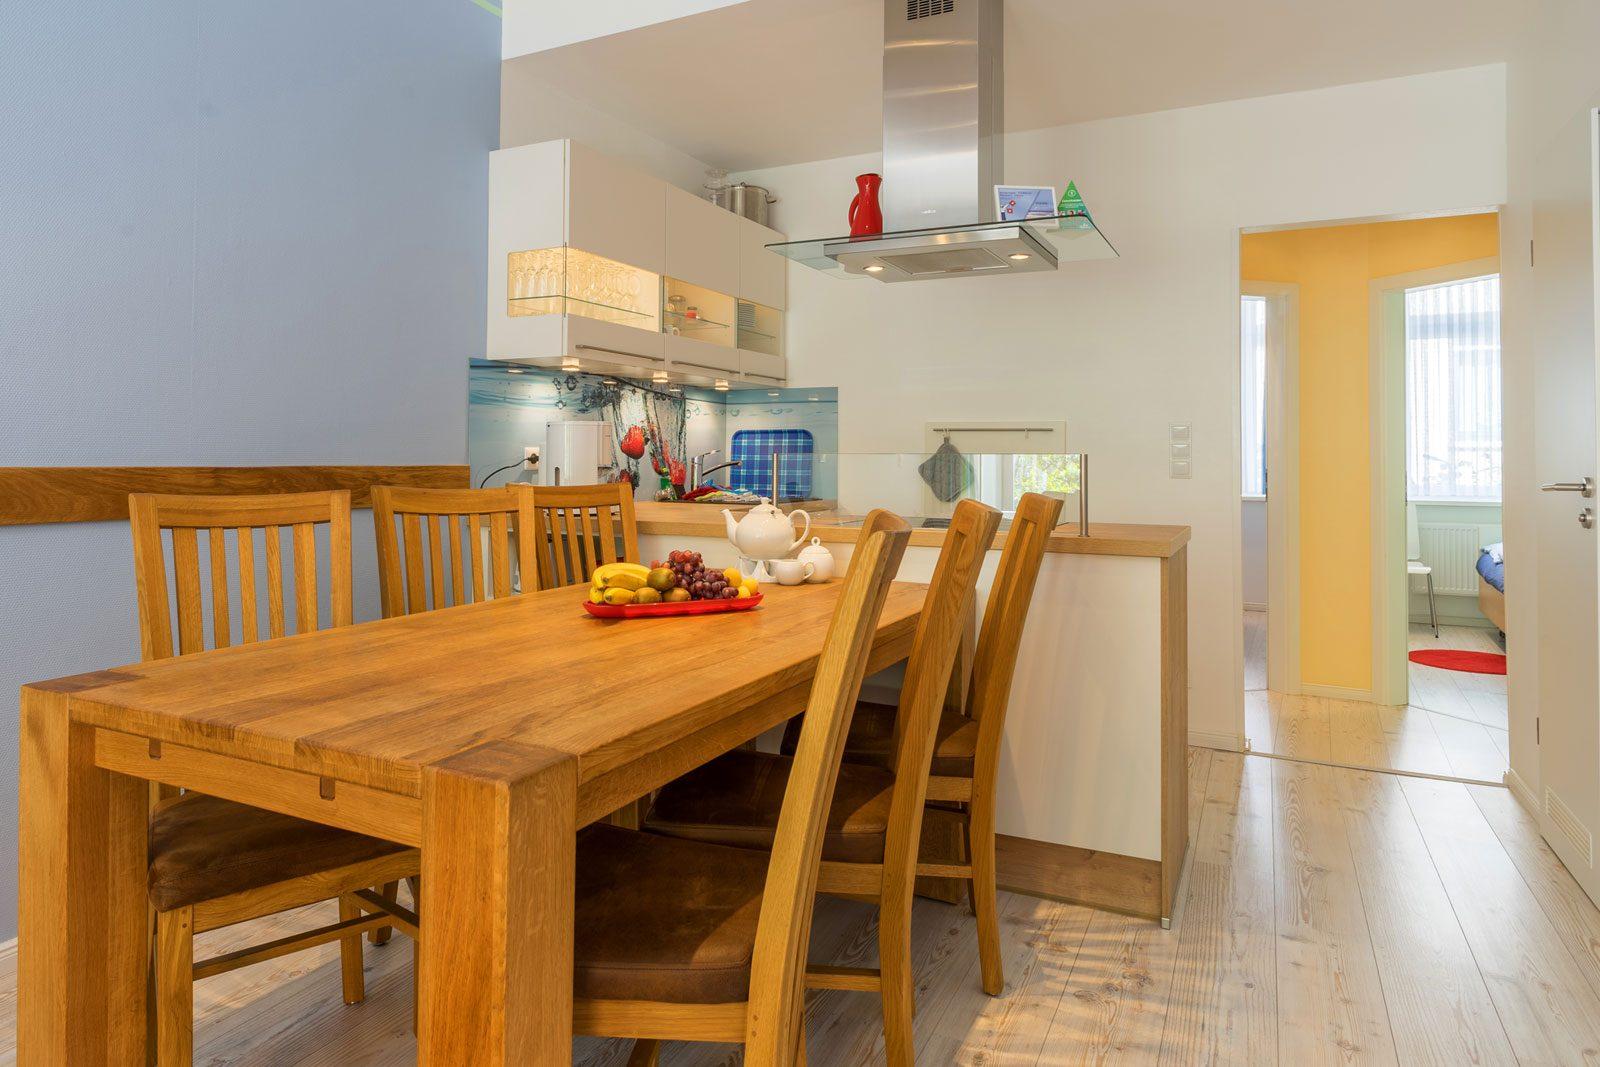 Holz-Esstisch mit sechs Stuehlen Apartment Achterdeck mit Blick auf Kueche